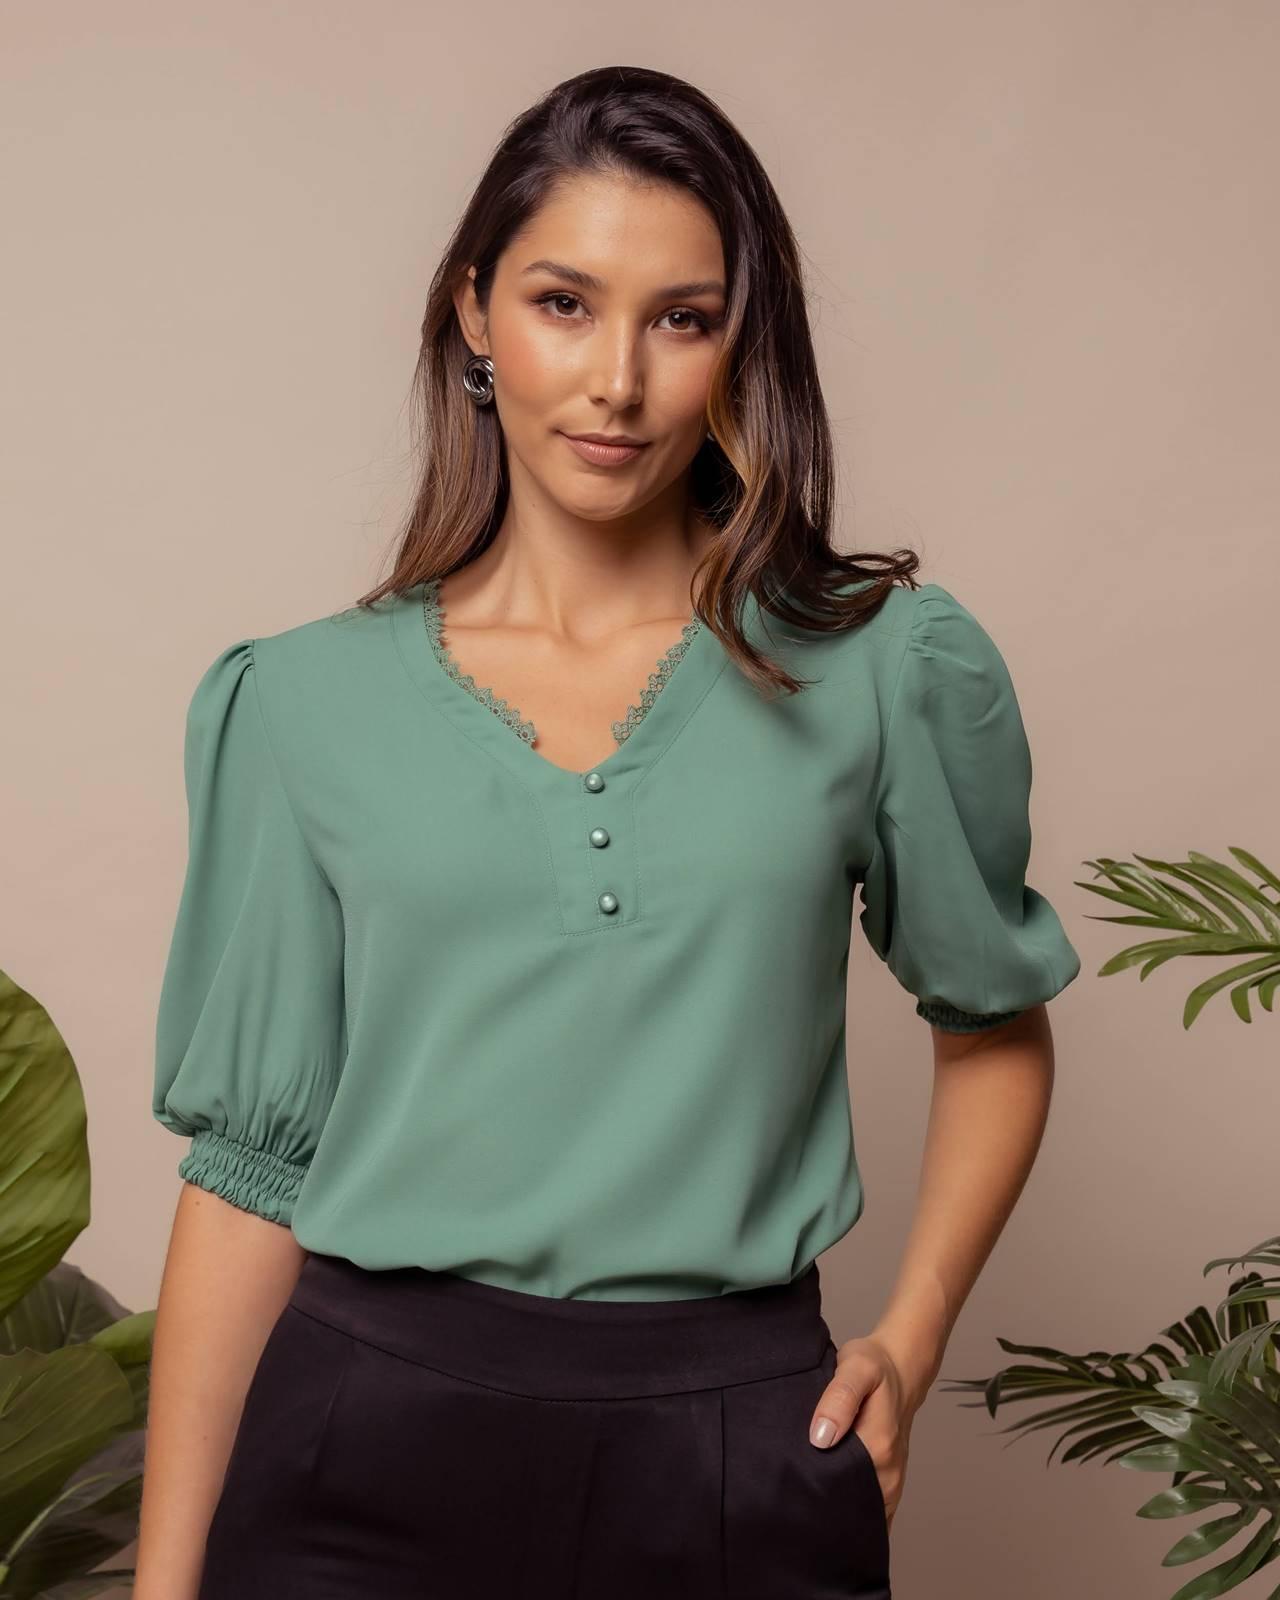 blusa pode ser usada em qualquer estação do ano